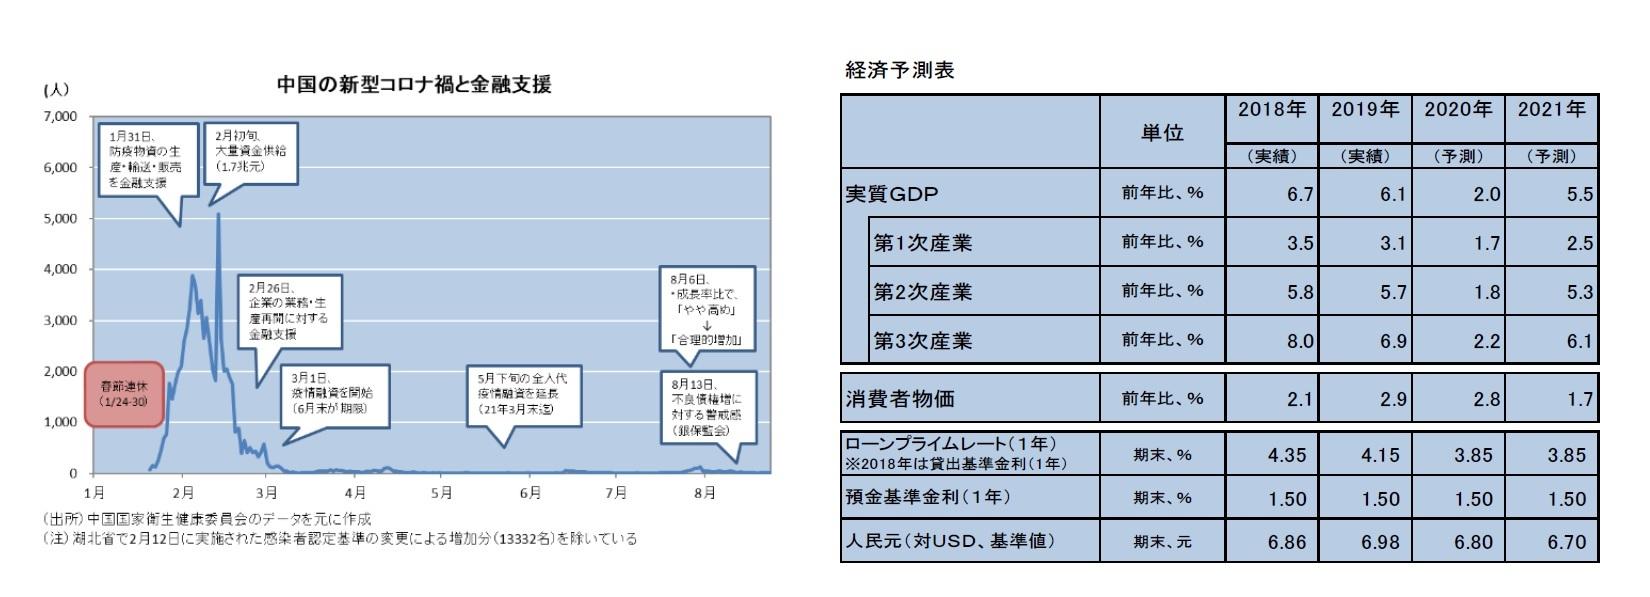 中国の新型コロナ禍と禁輸支援/経済予測表